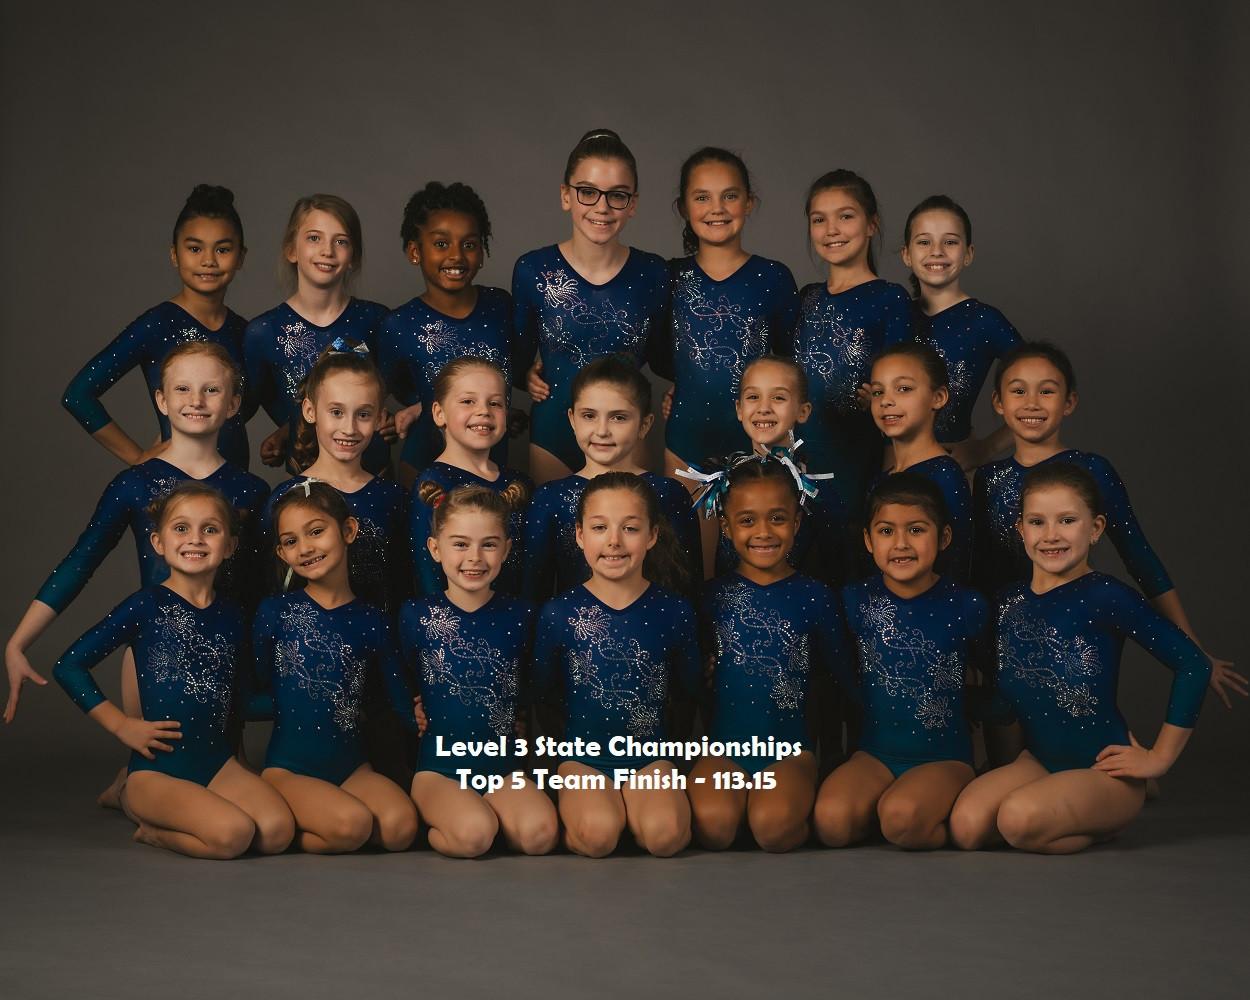 L3 Team State